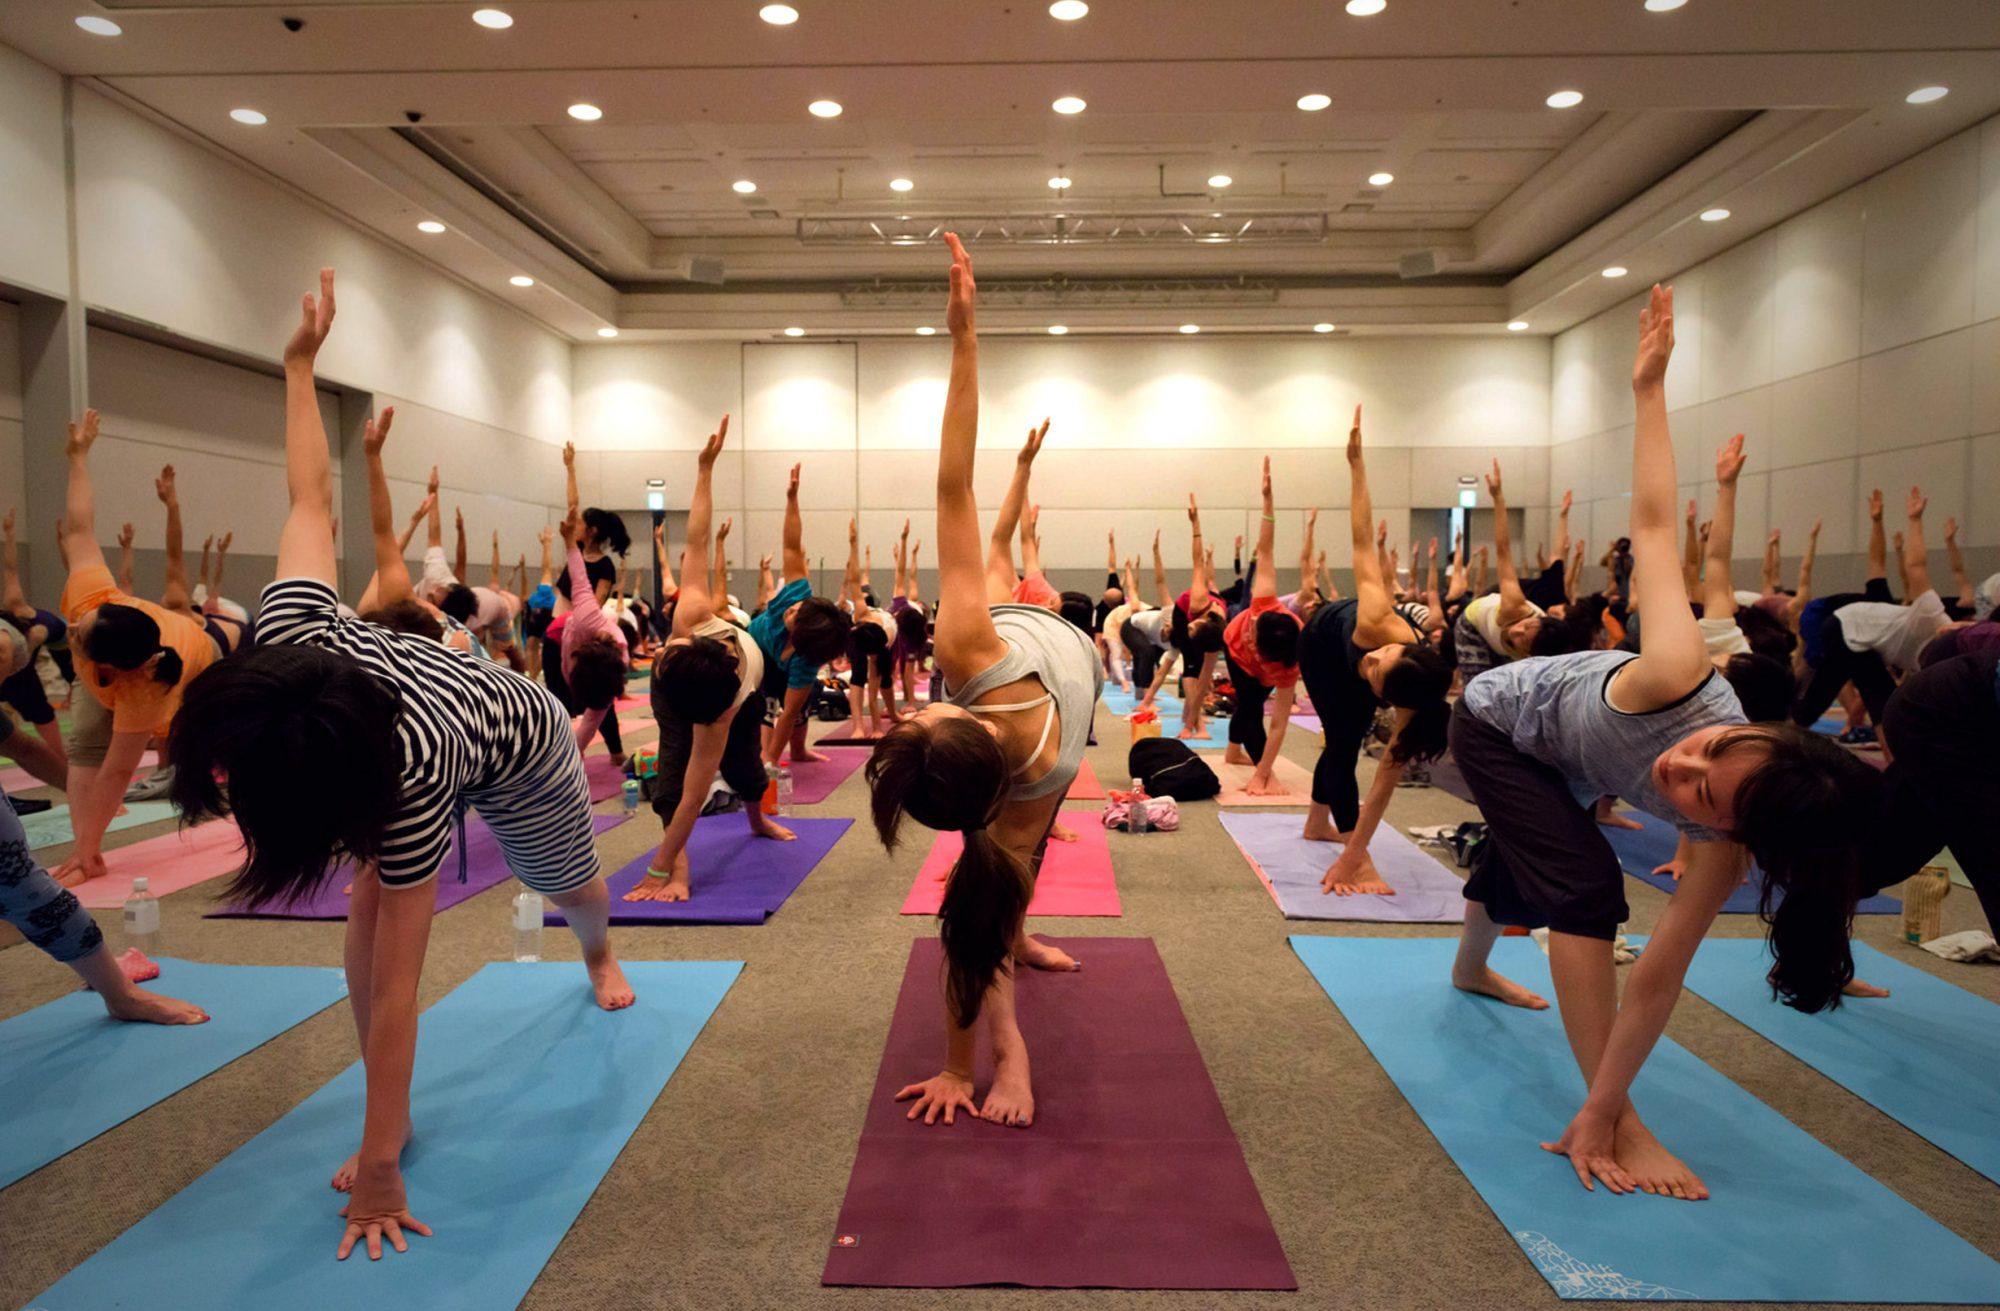 ヨガフェスタ 阪急 2018 春|Yogafest Hankyu 2018 Spring